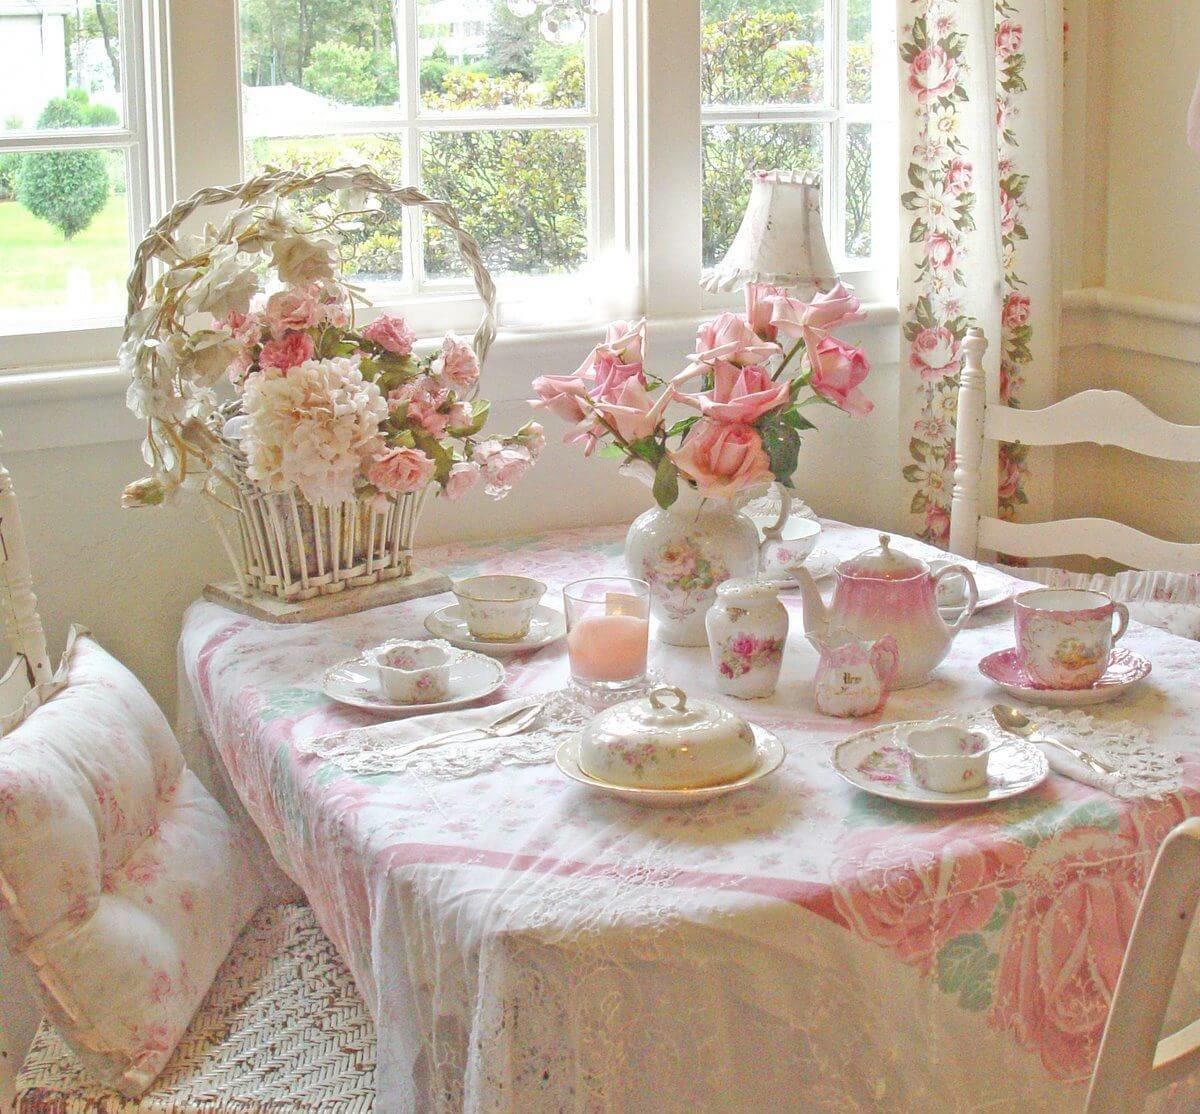 Очаровательный текстиль в розовых оттенках